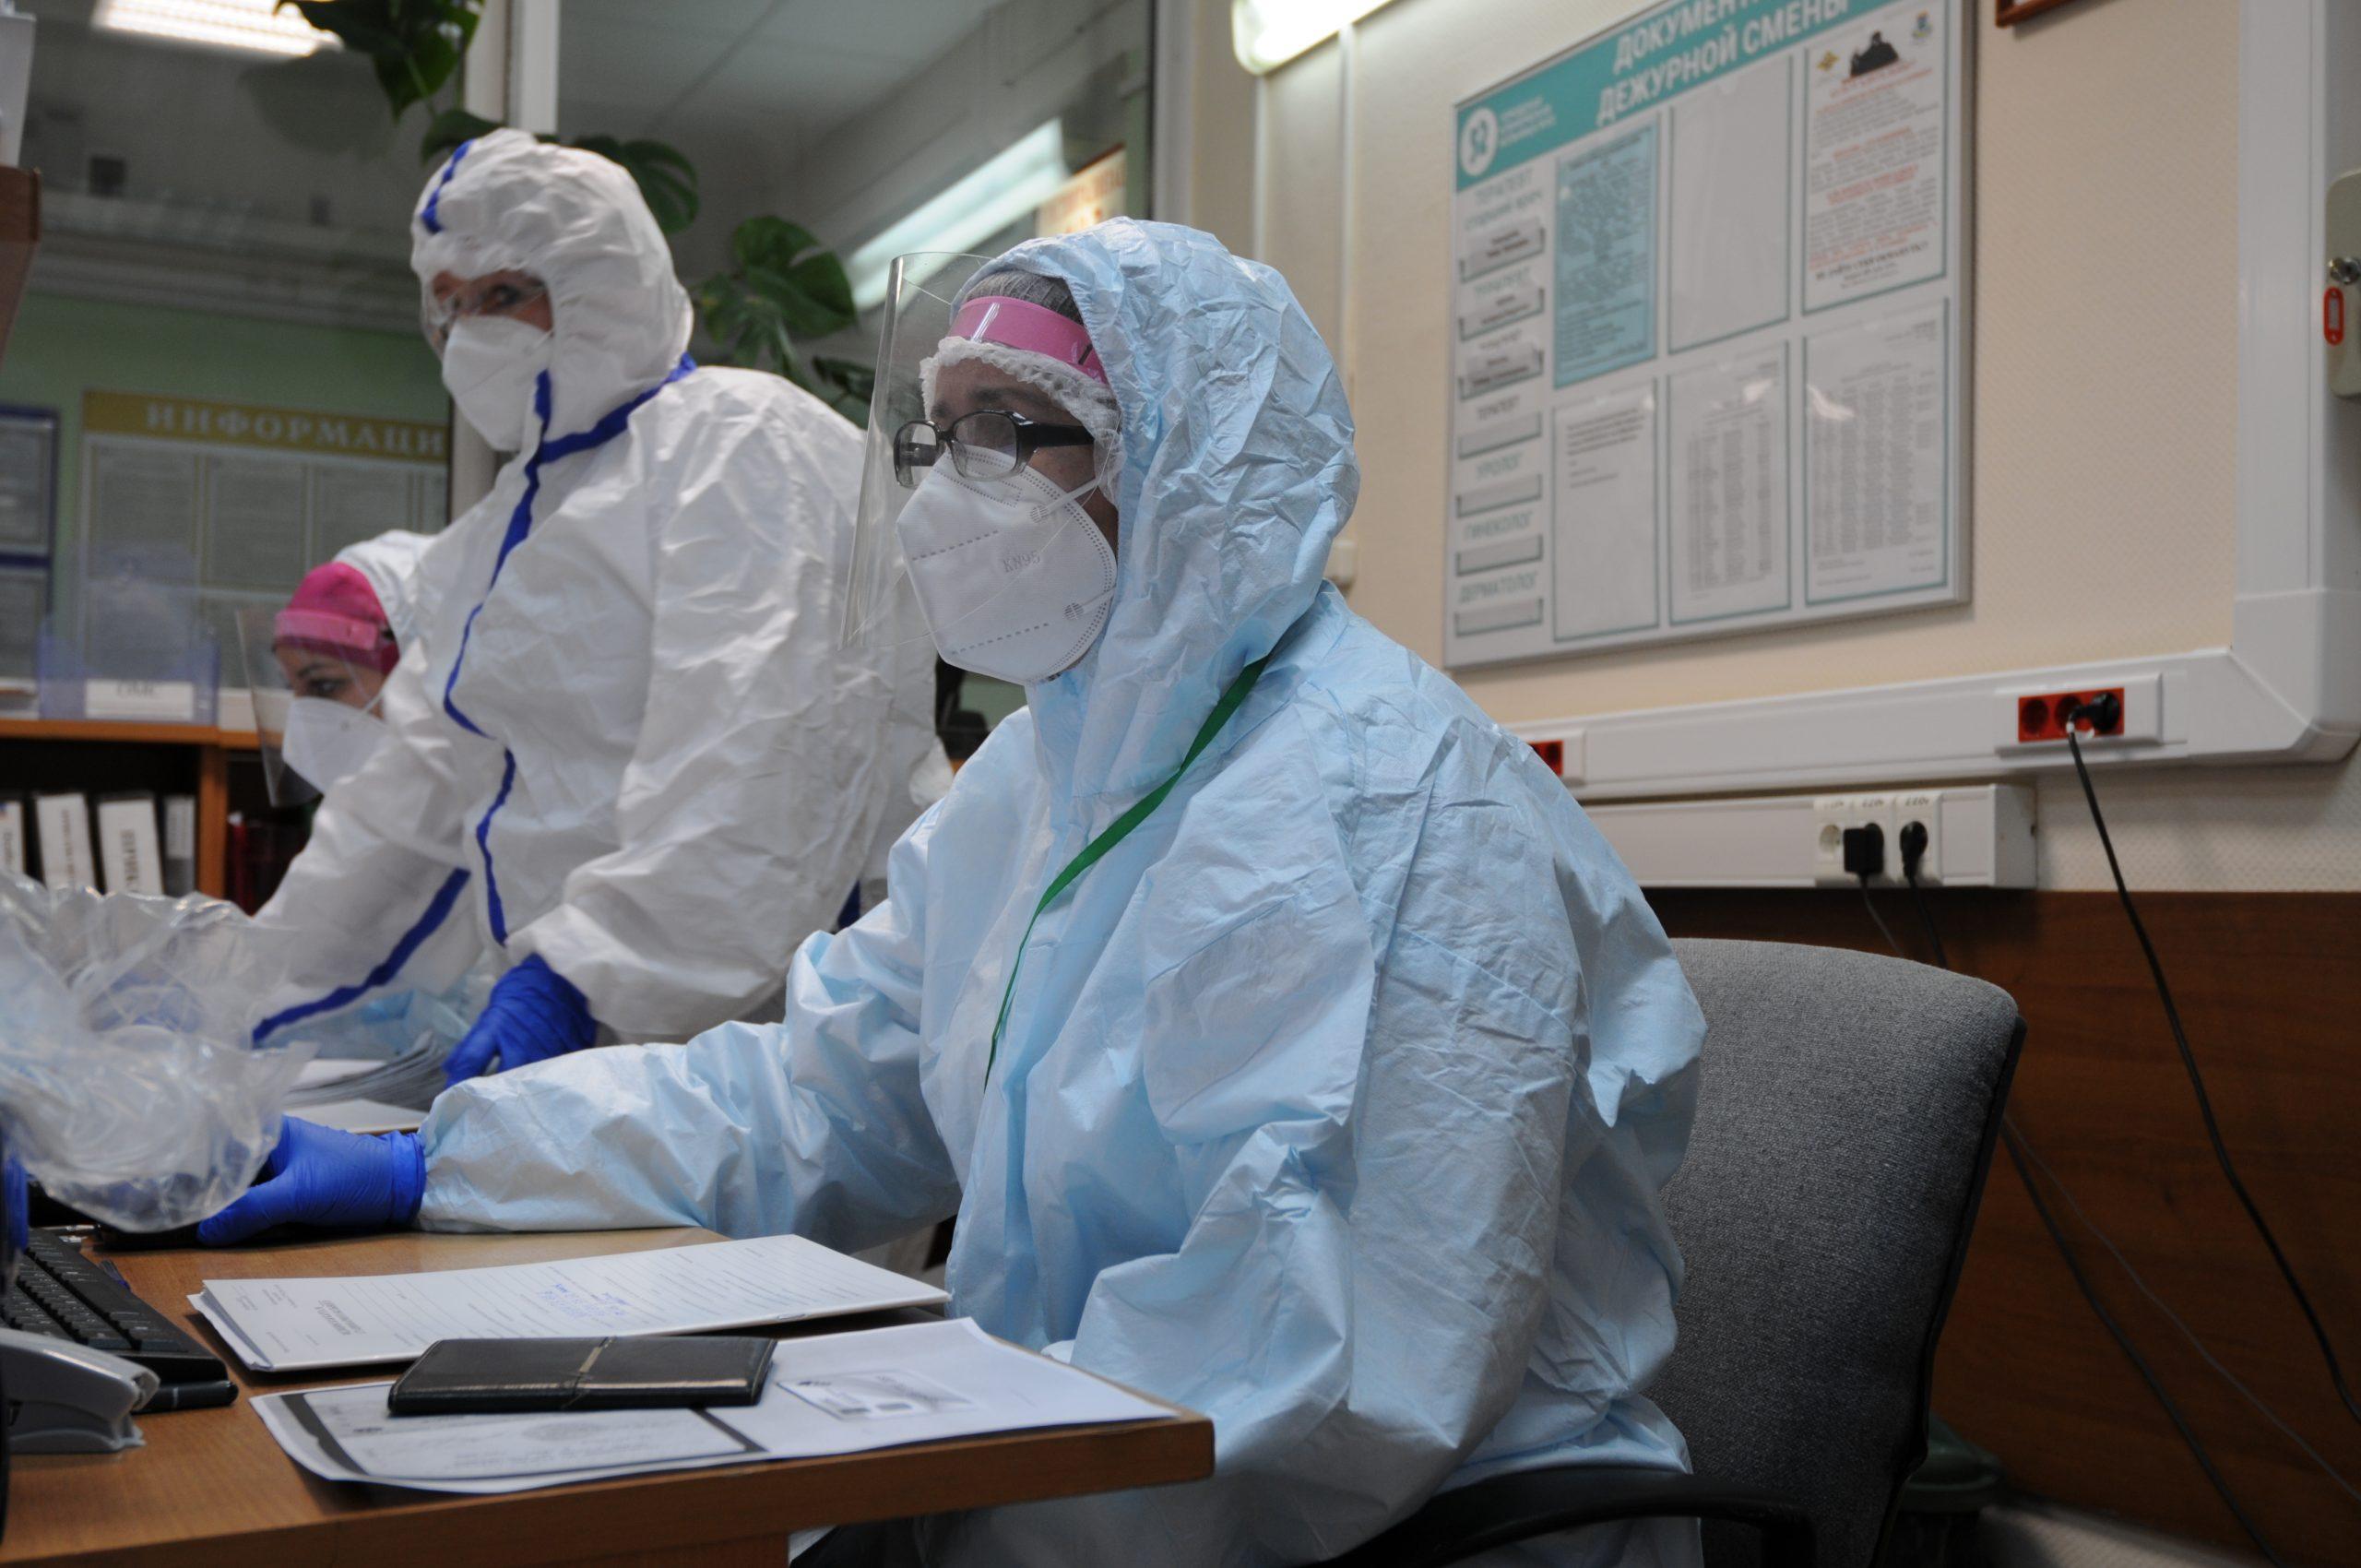 Сотрудники штаба по предупреждению распространения коронавируса поделились информацией о зараженных в столице за последние сутки